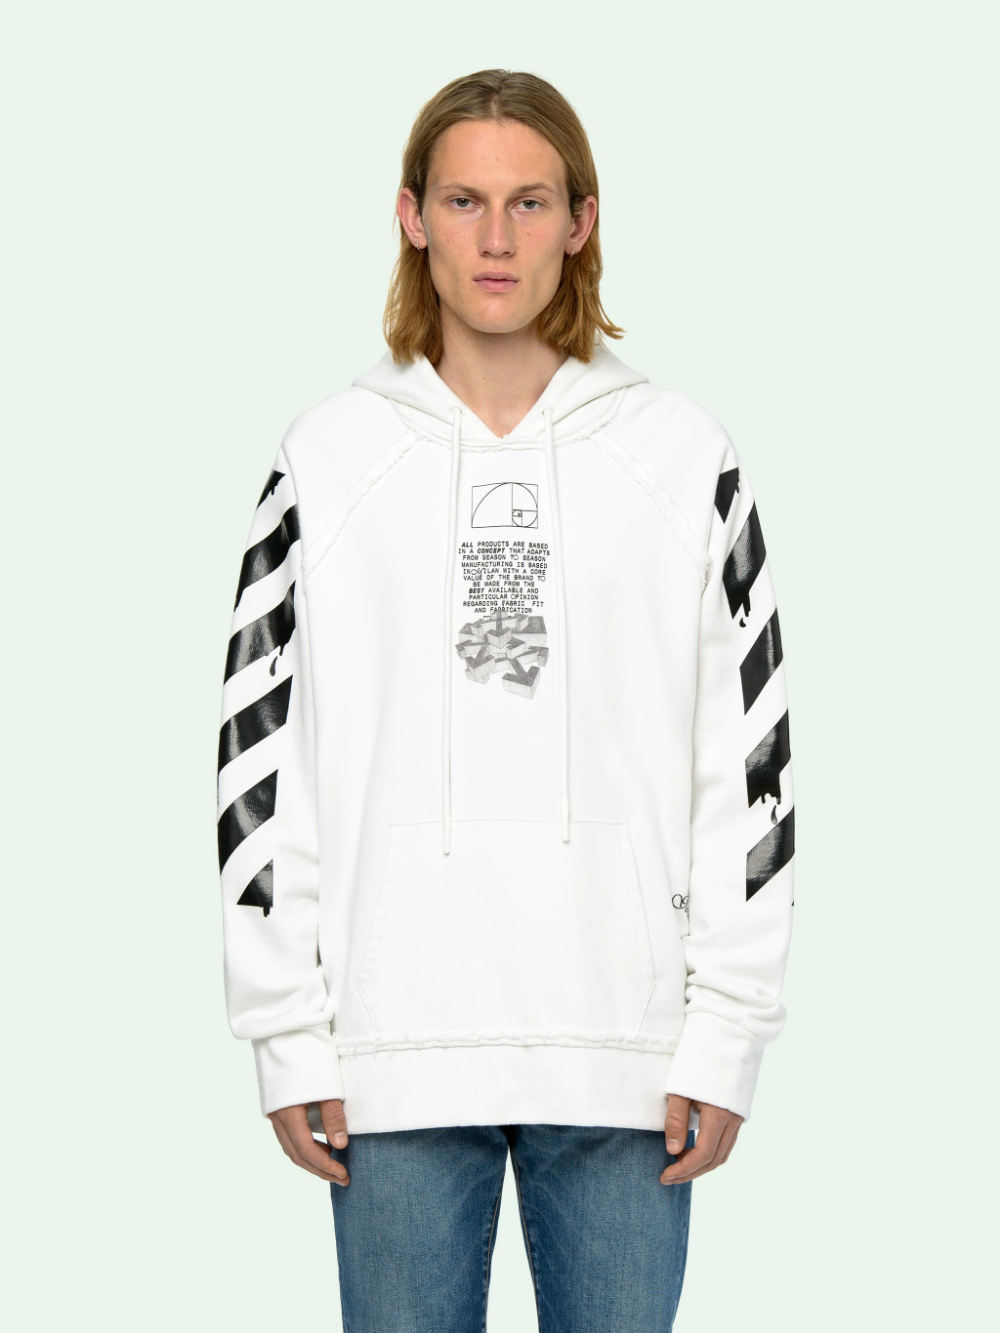 Dripping Arrows Incompiuto Hoodie Off White Long Hoodie Hoodies Hooded Sweatshirts